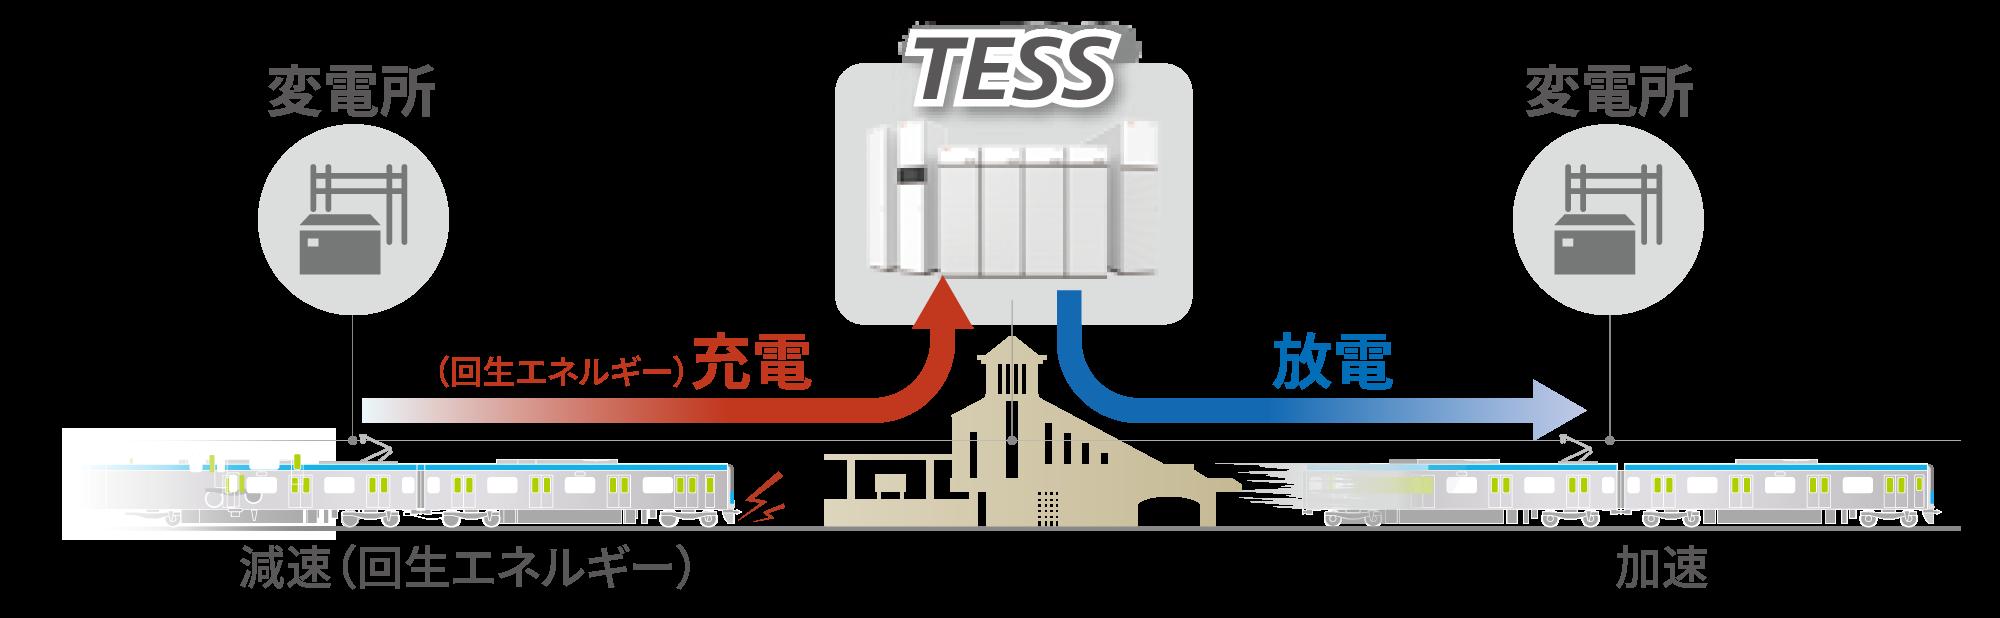 SCiBTMを使ったTESSの仕組み